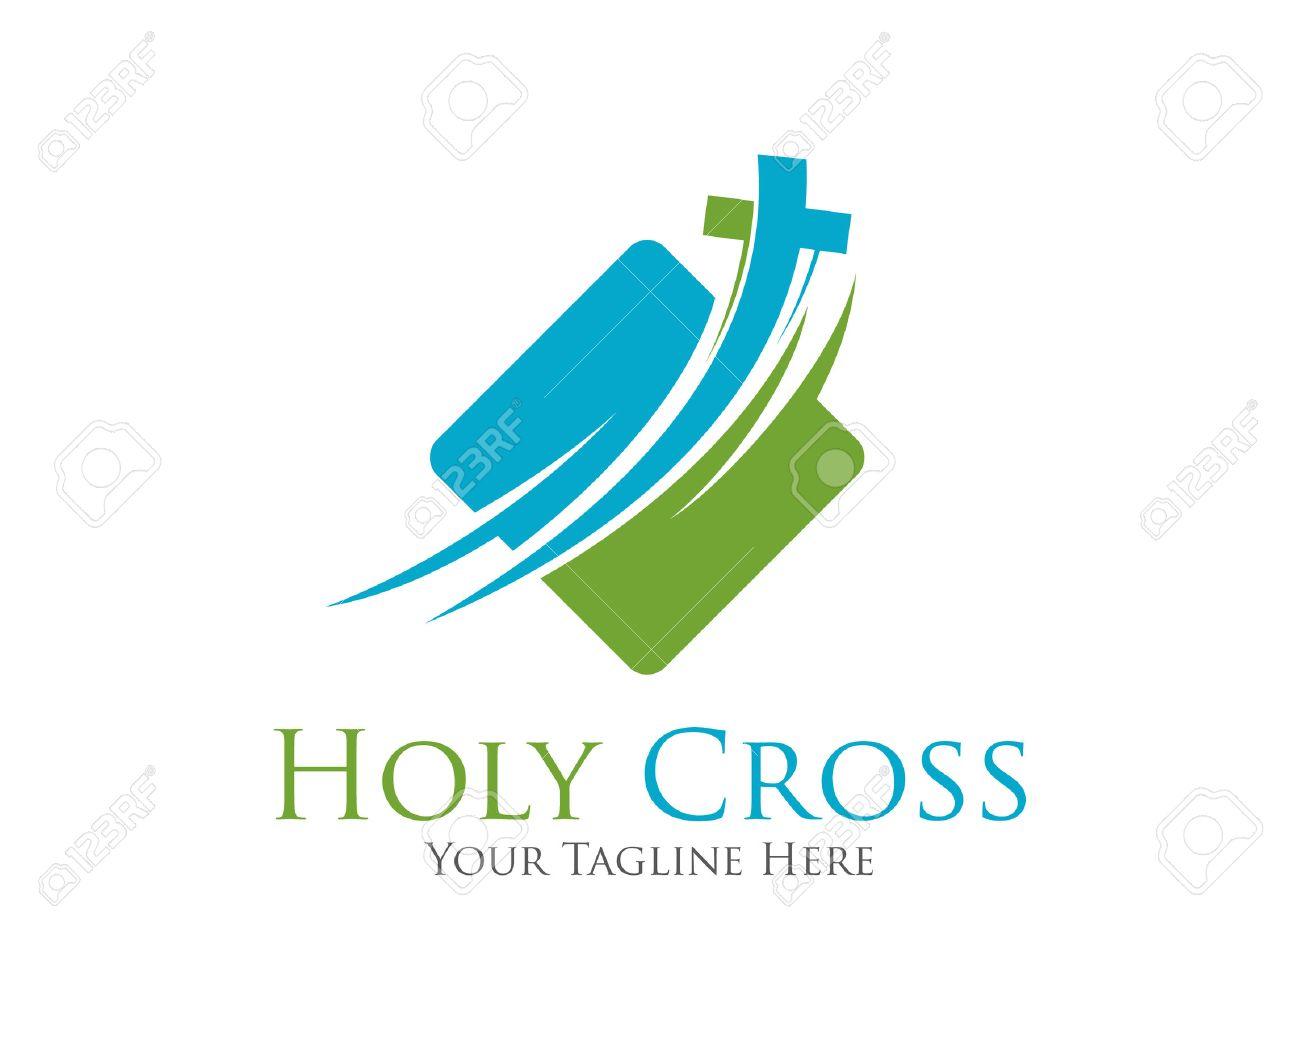 Diseño de la plantilla vector logo Cruz. Logotipo de la plantilla para las  iglesias y 5da810b84d6be